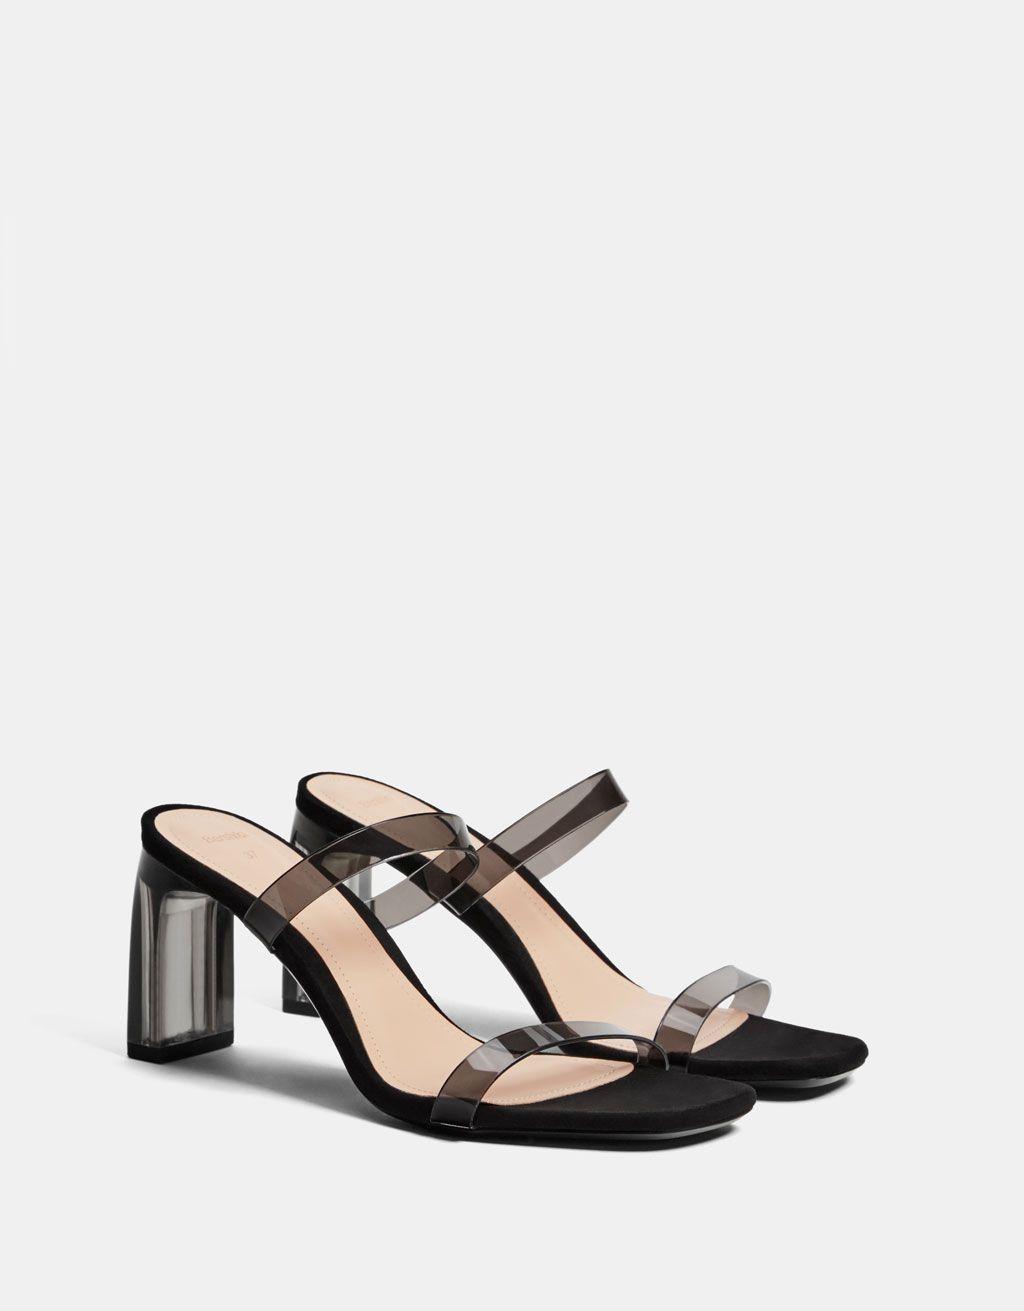 Vinyl High Heel Sandals Sandals Heels High Heel Sandals High Heels